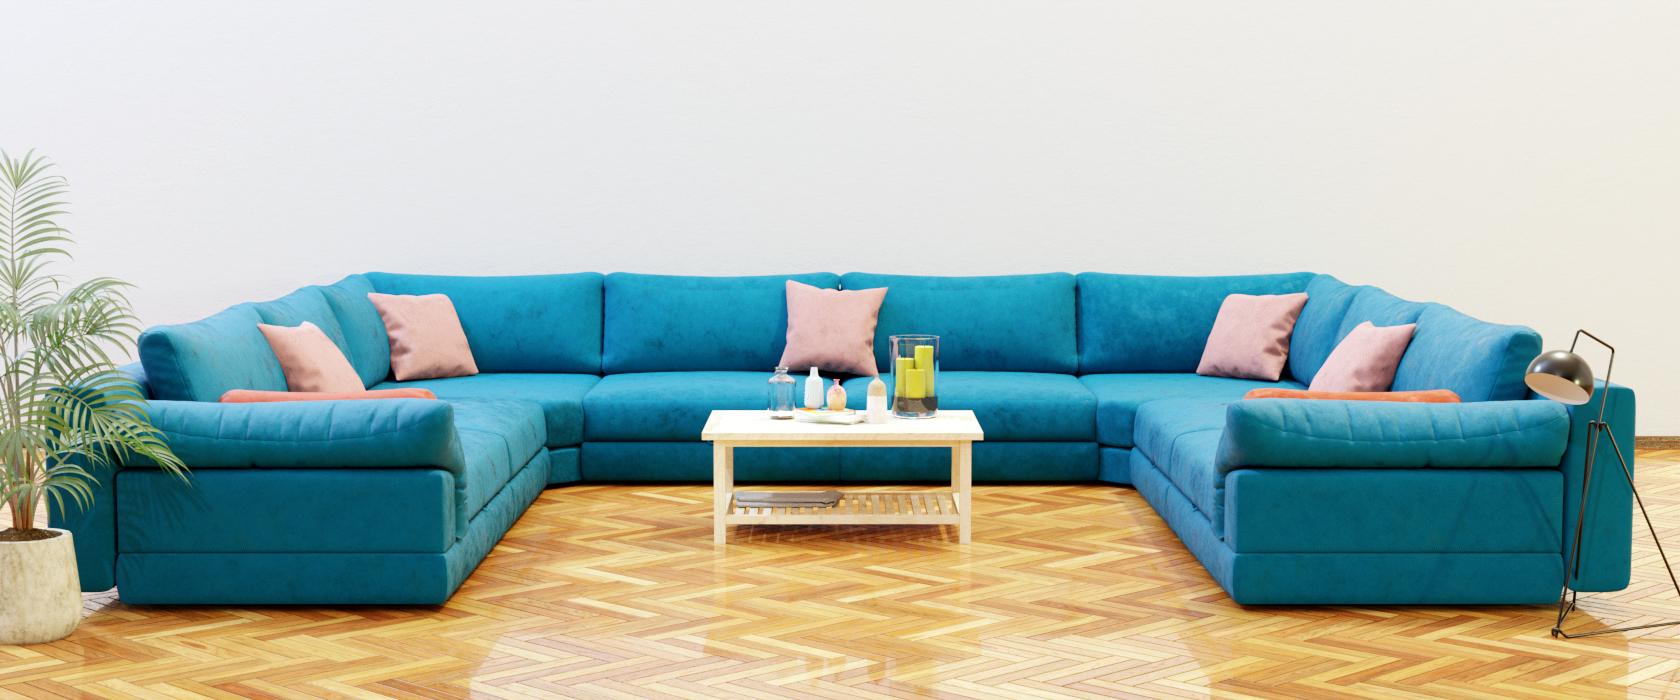 Модульный диван Claudia 440x355 - Фото 2 - Pufetto